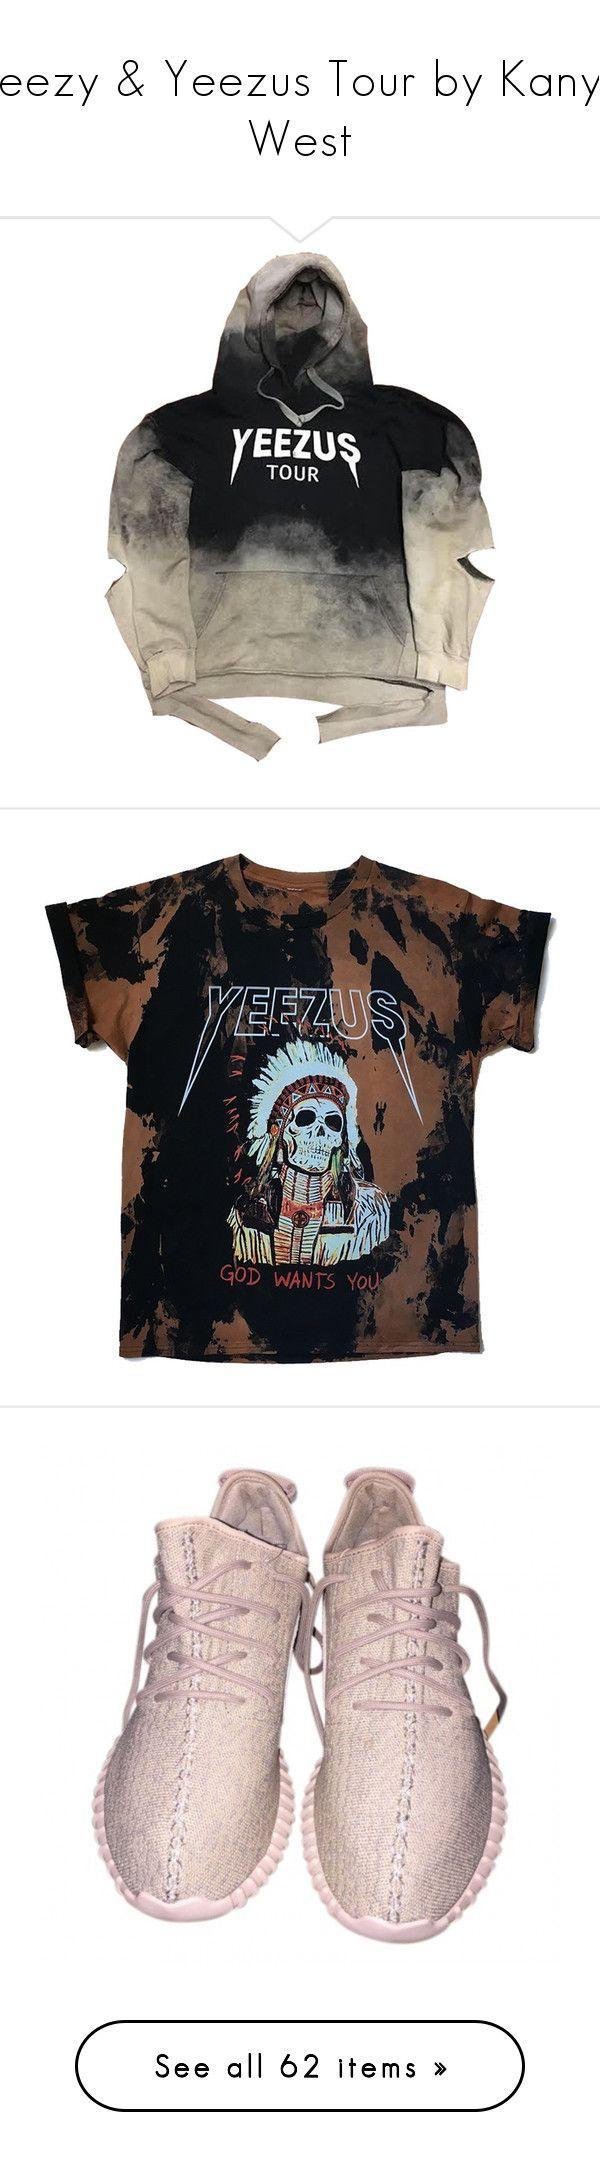 """""""Yeezy & Yeezus Tour by Kanye West"""" by aneteas ❤ liked on Polyvore featuring tops, hoodies, jackets, sweaters, jumper, ripped tops, hoodie top, sweatshirt hoodies, bleach hoodie and rock hoodie"""